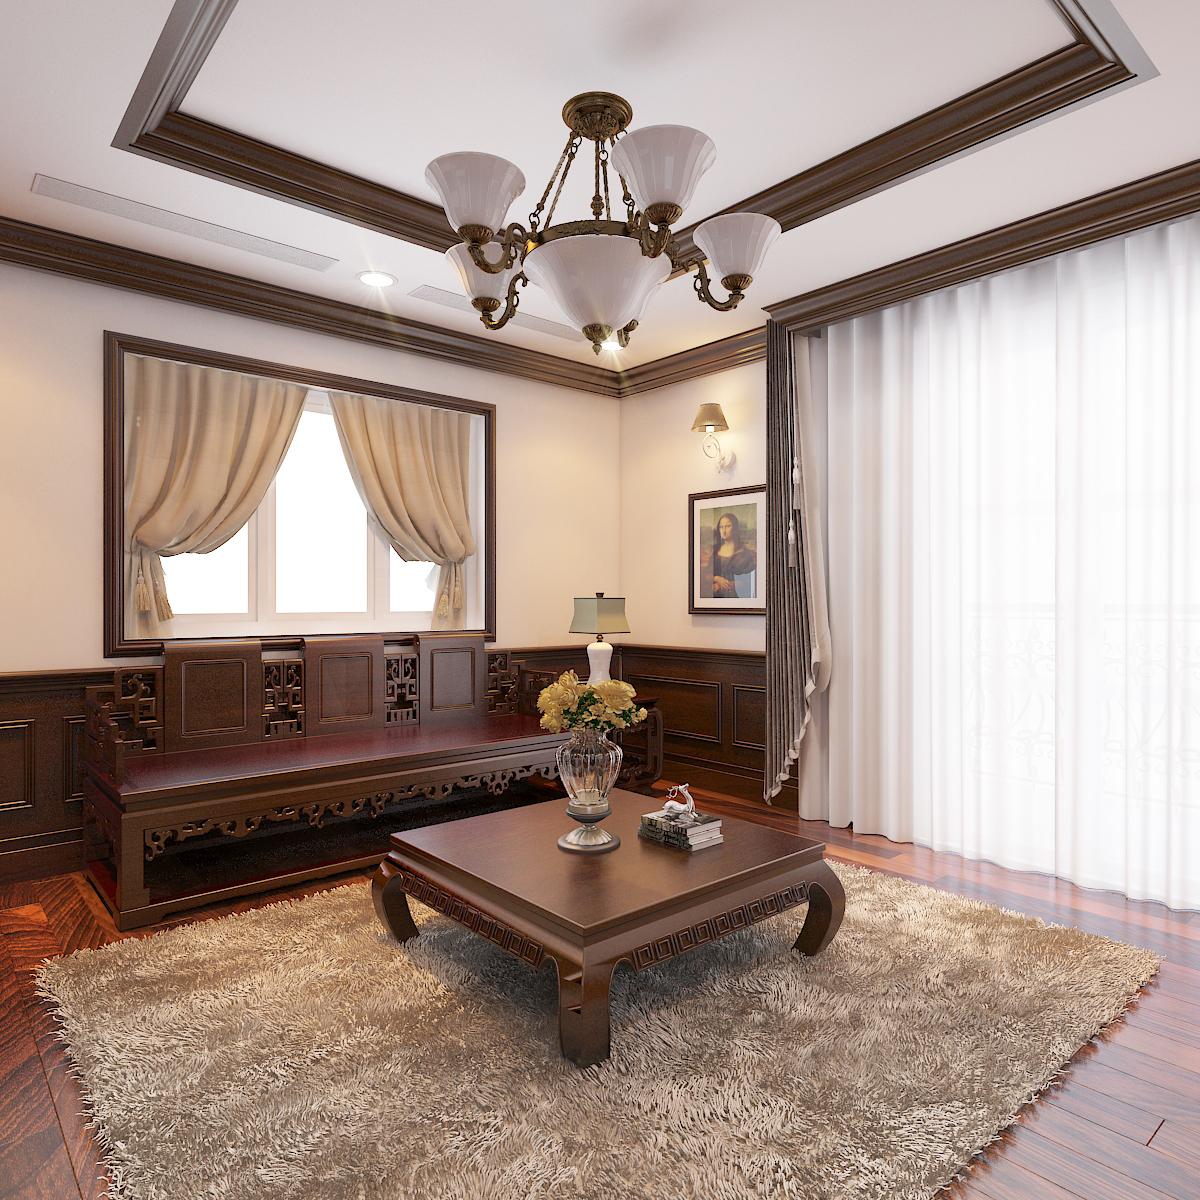 thiết kế nội thất Biệt Thự tại Hà Nội bt Vinhomes - riverside 44 1568276279